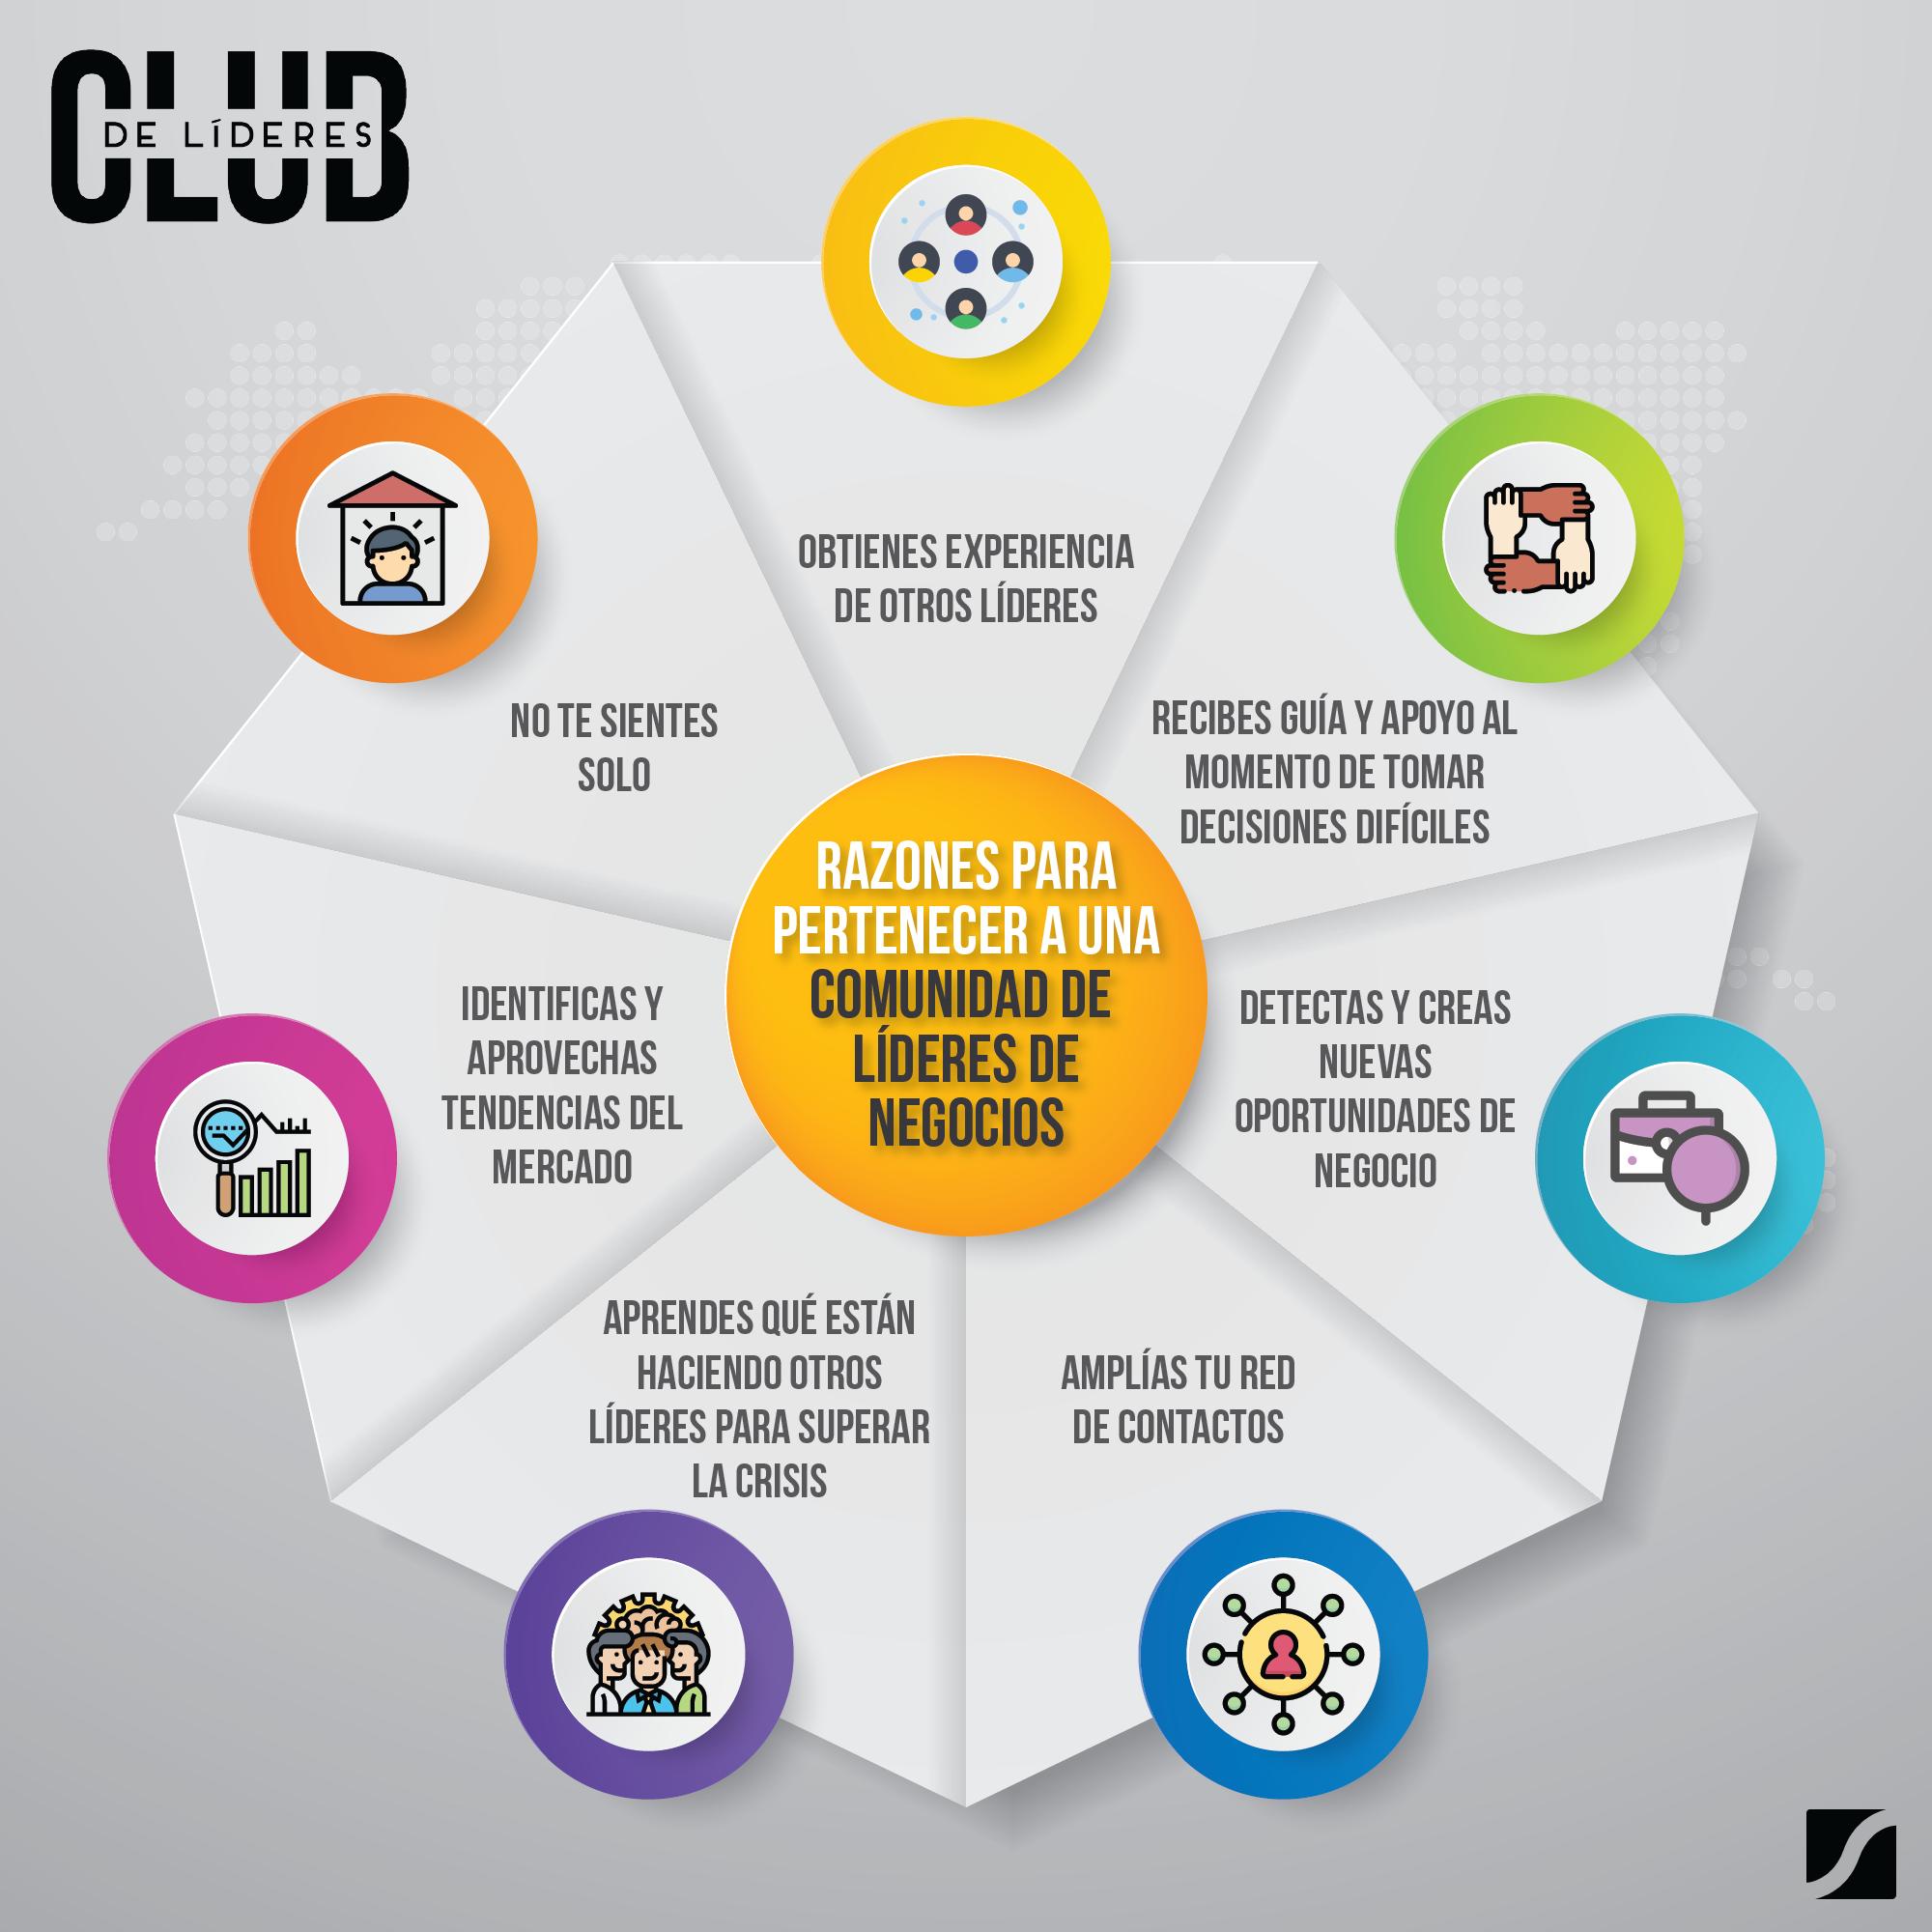 Razones para pertenecer a una comunidad de lideres de negocios_Razones para pertenecer a una comunidad empresarial